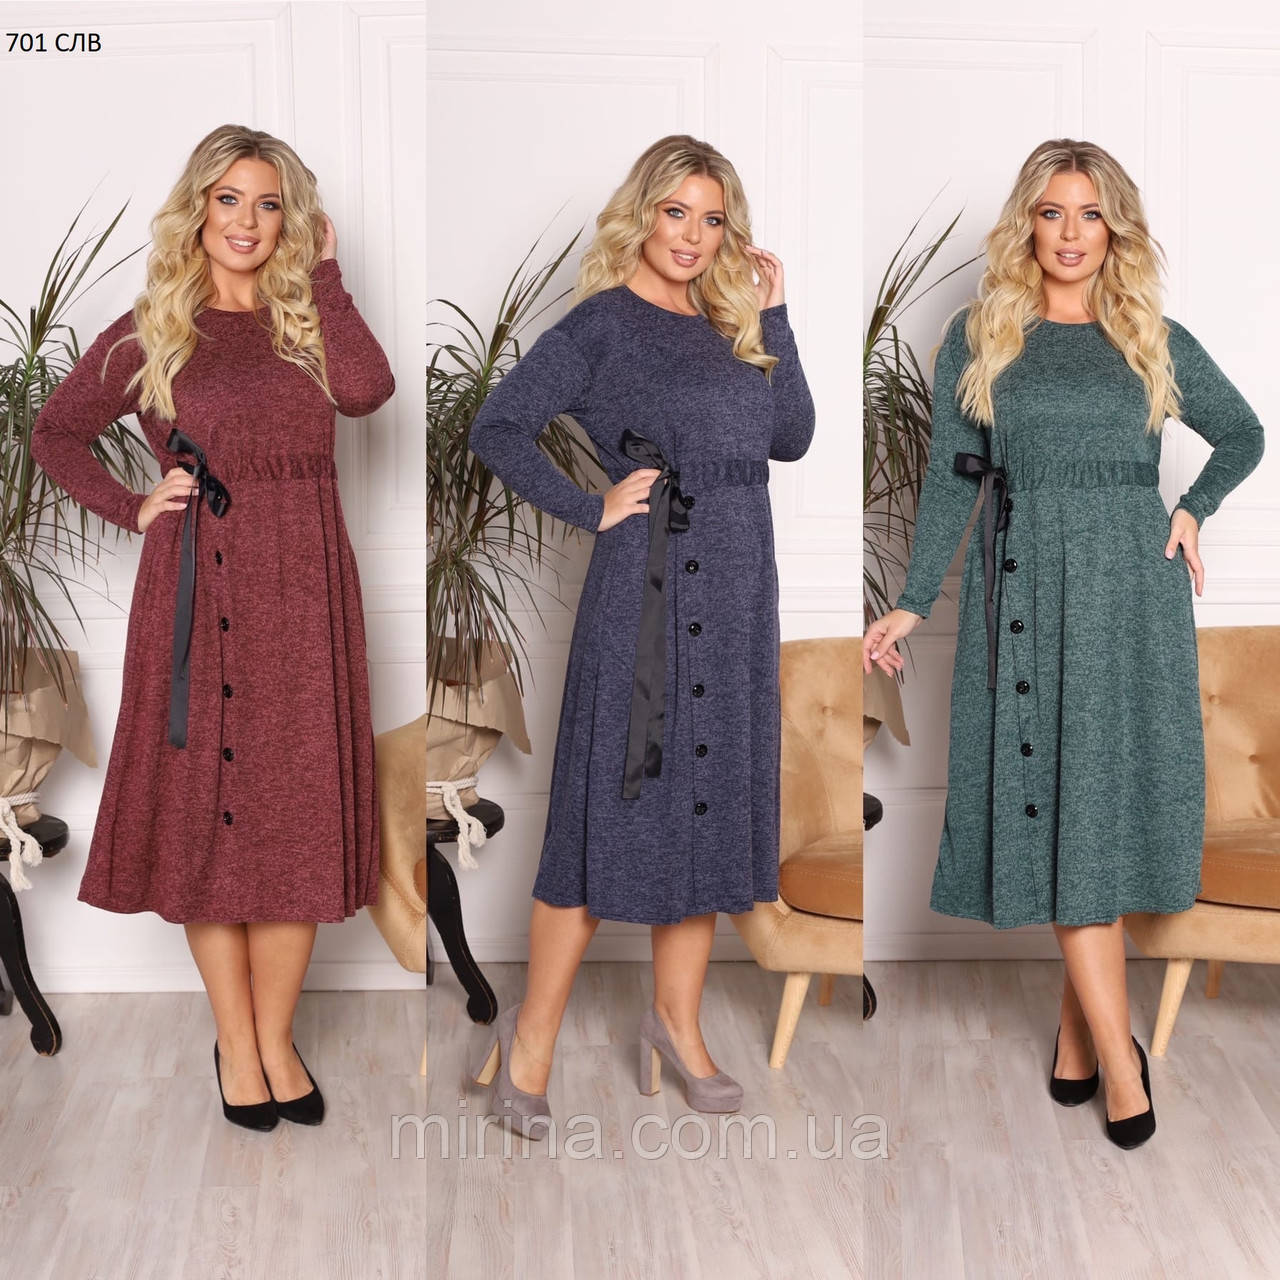 Женское платье норма 701 СЛВ